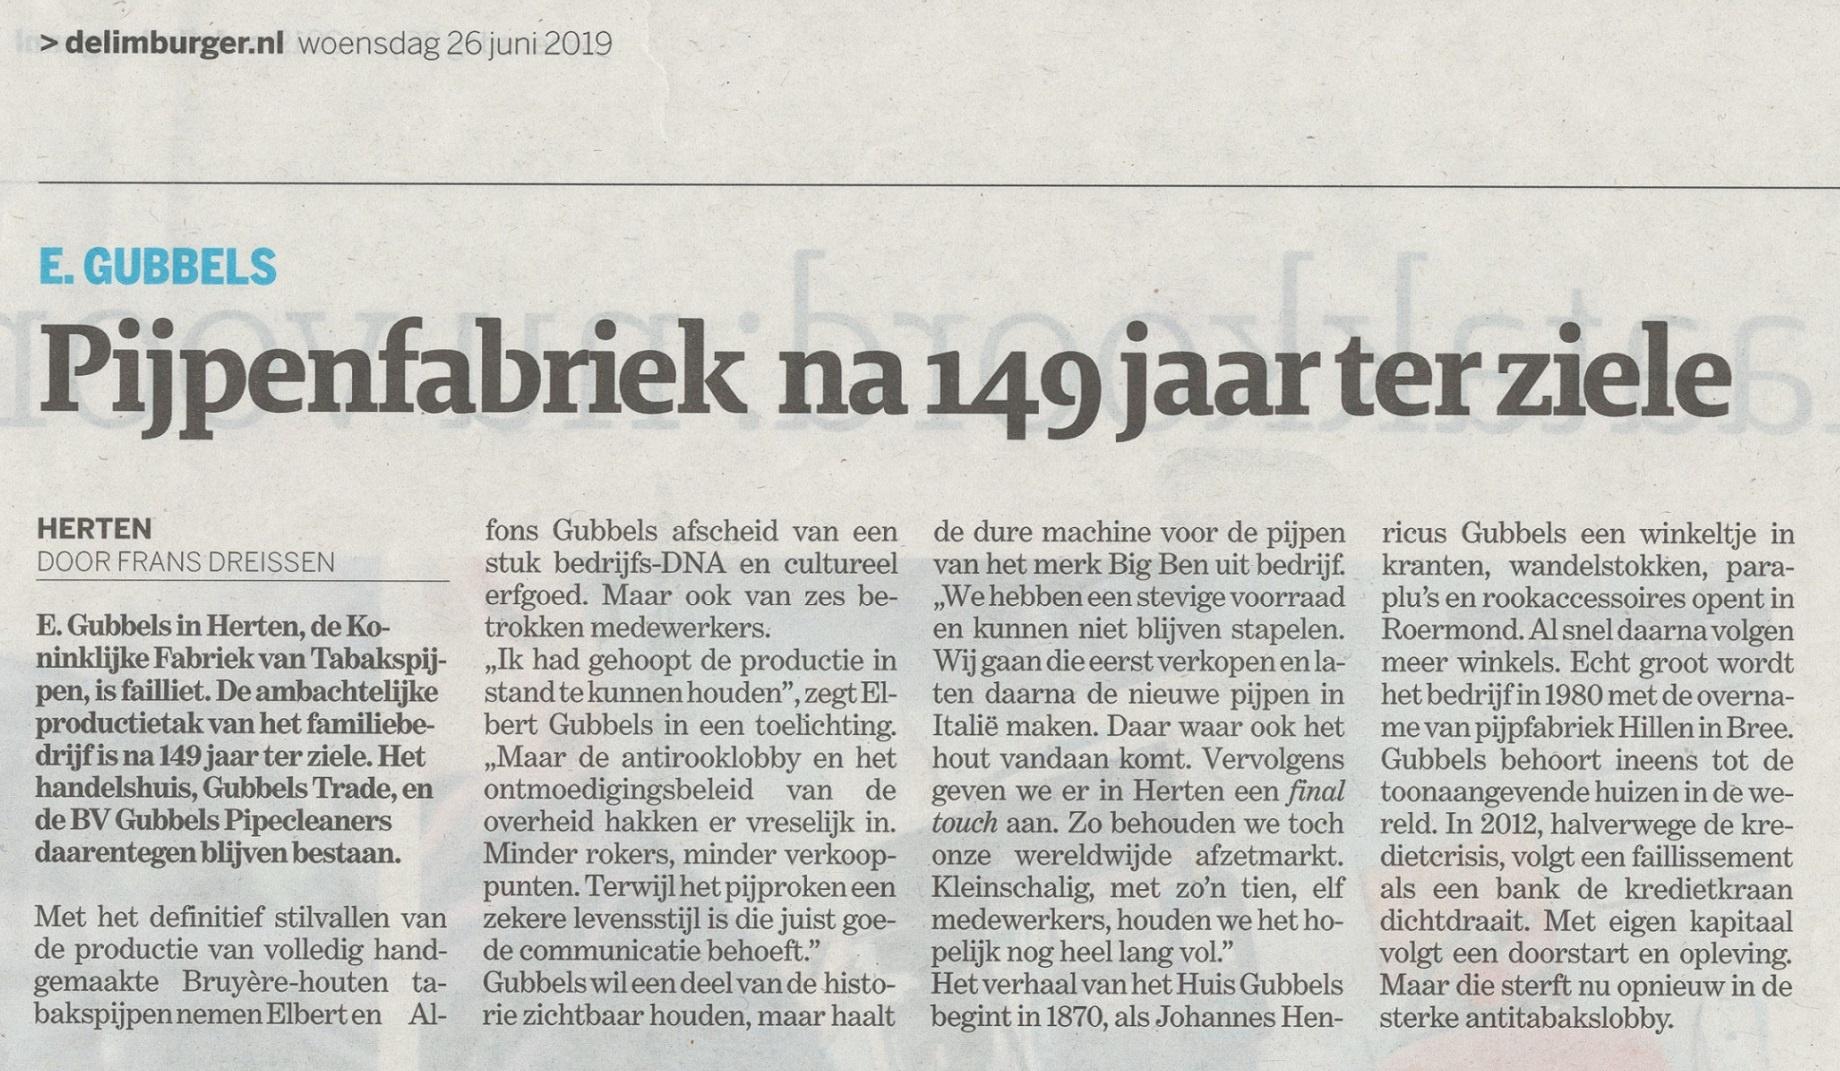 Helaas het einde van onze Nederlandse pijpenfabriek